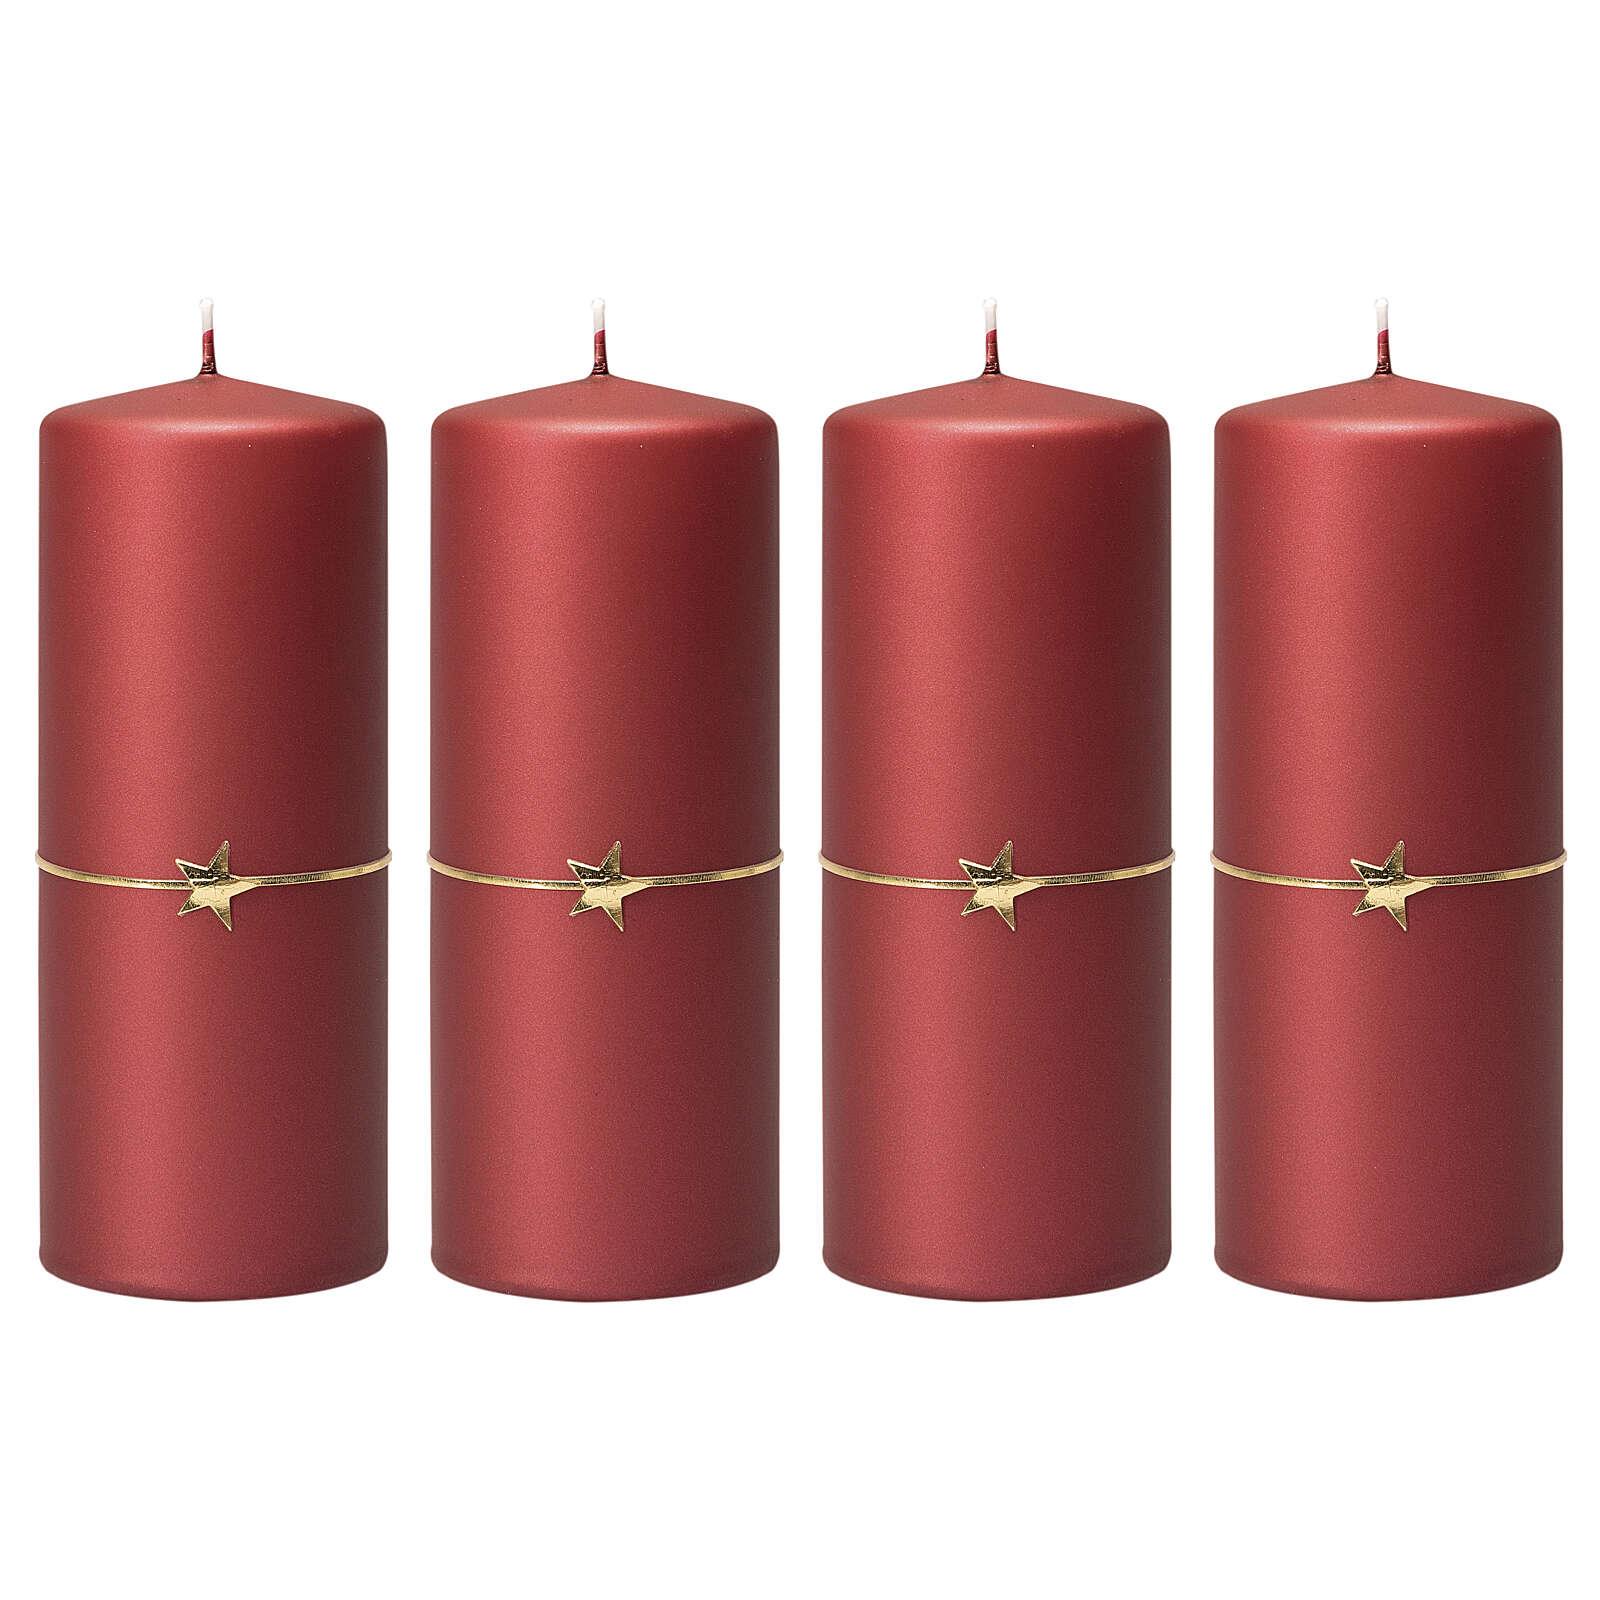 Matt red candles, set of 4, golden star, 150x60 mm 3